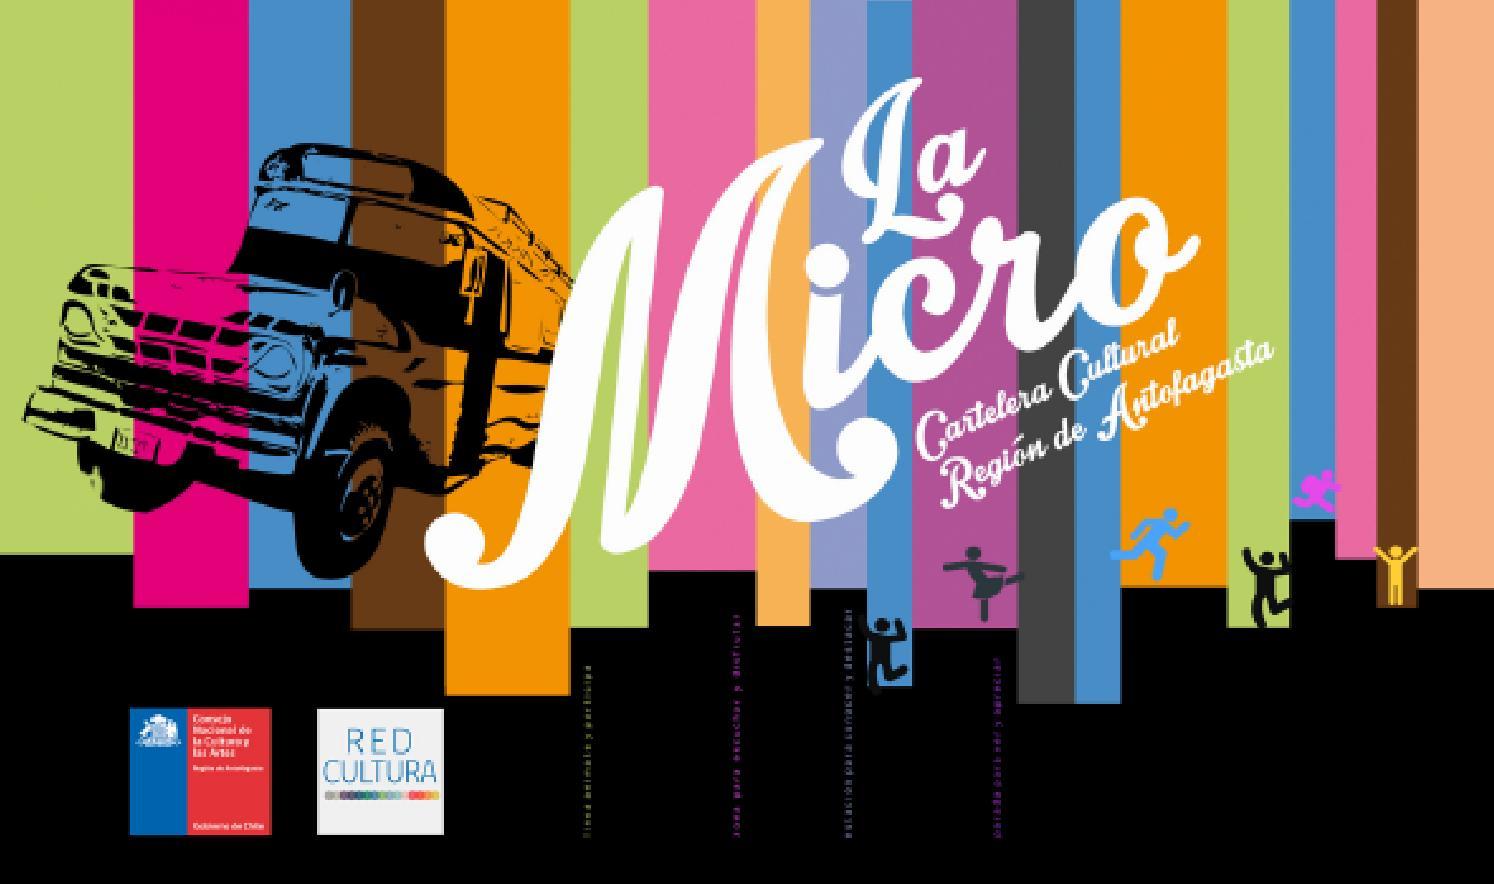 La Micro 3 Cartelera Cultural Región De Antofagasta By